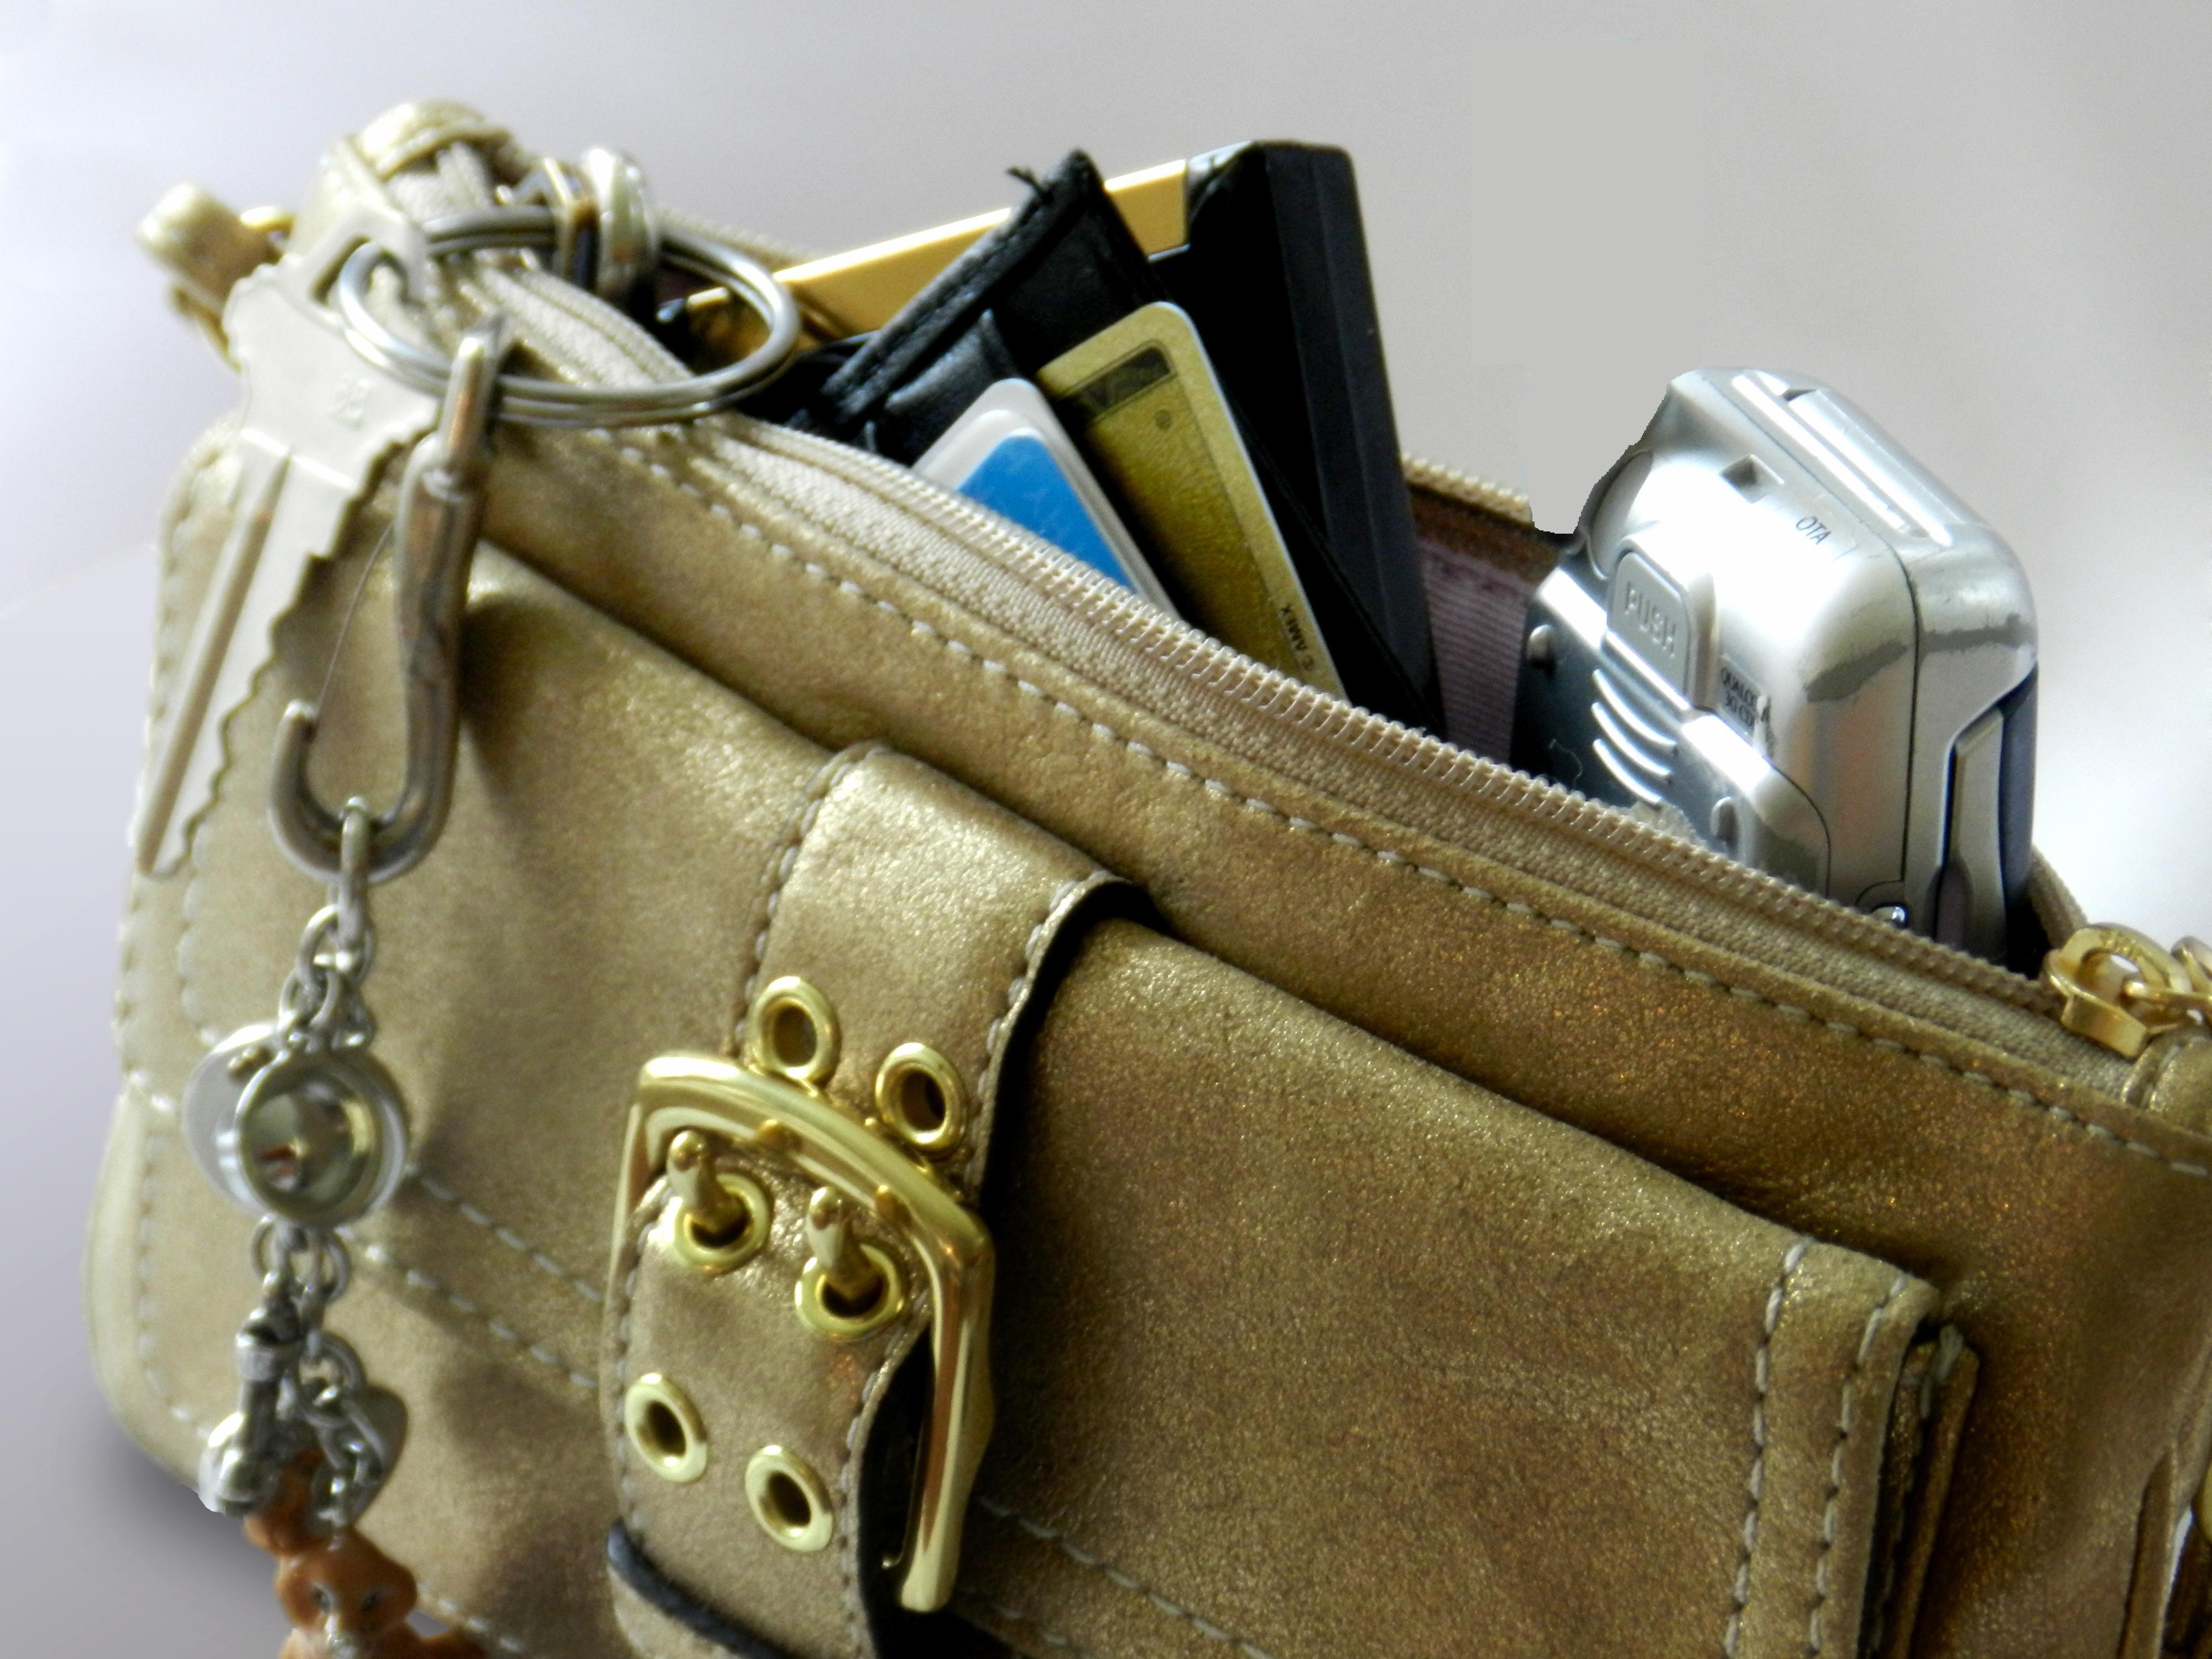 handbag purse example external battery pack